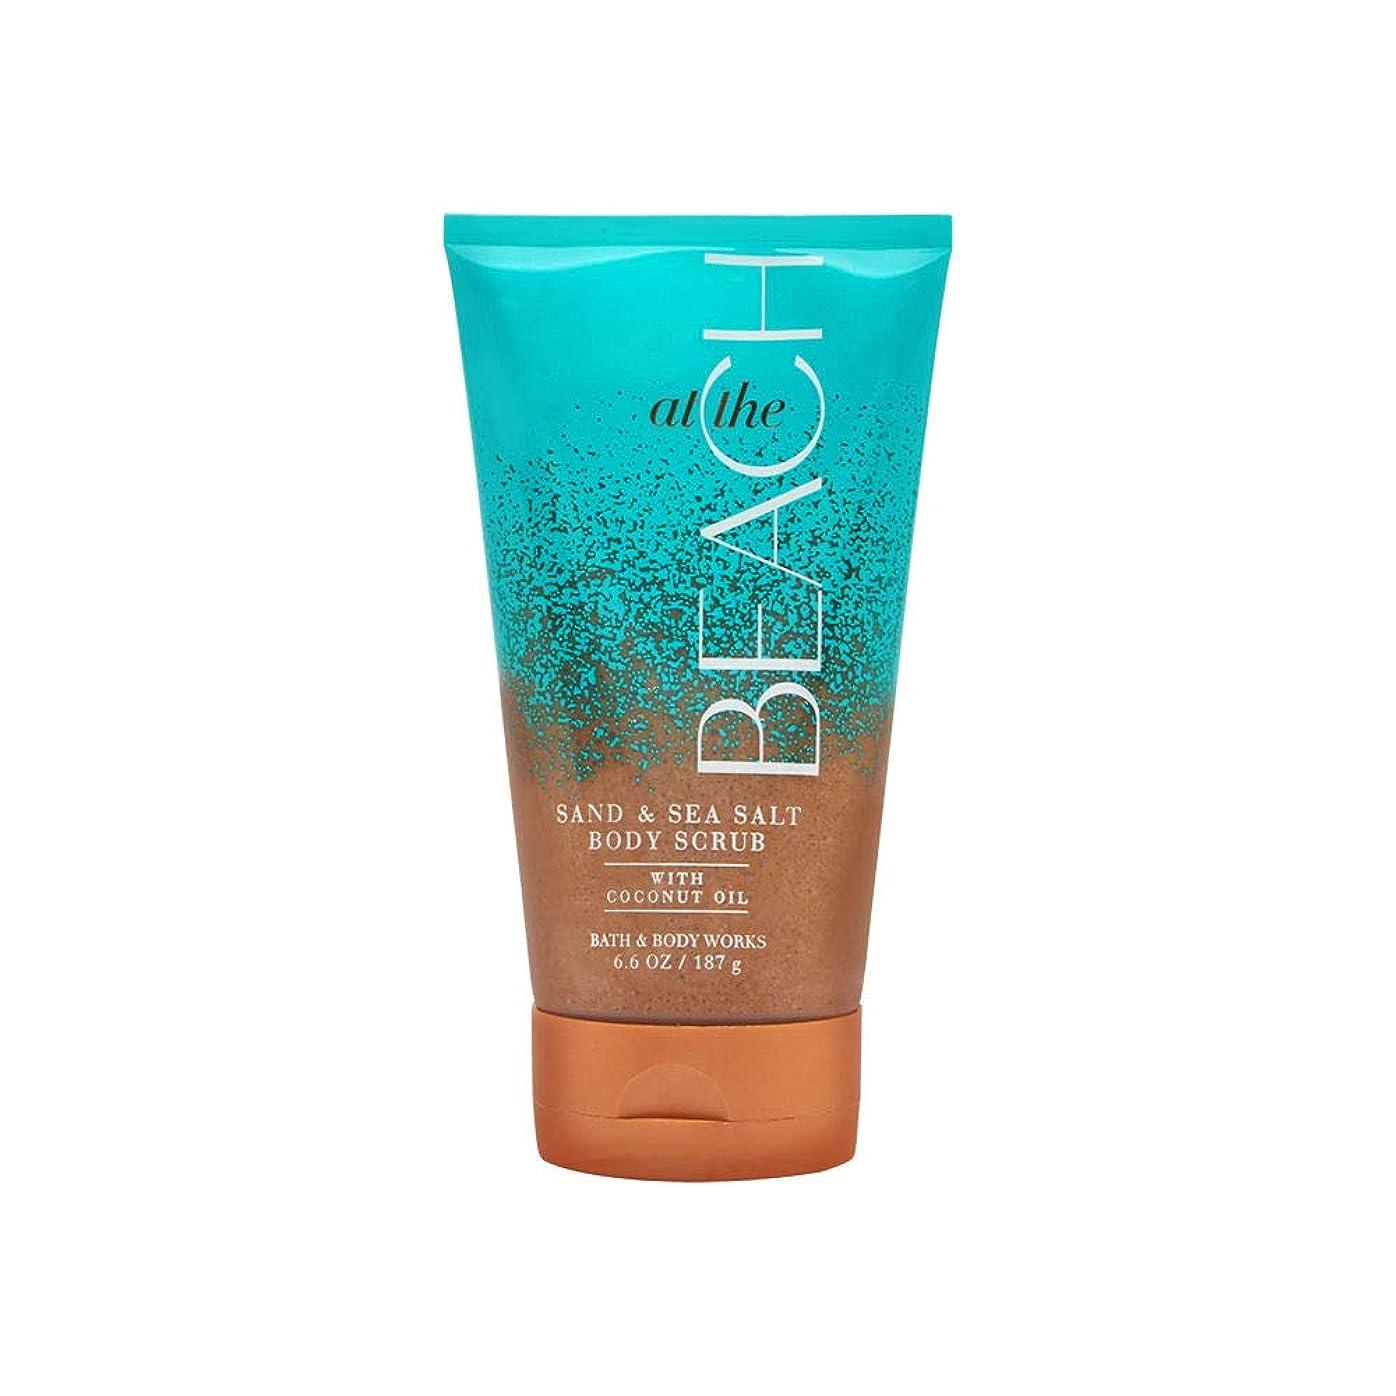 ランク予備タイヤ【Bath&Body Works/バス&ボディワークス】サンド&シーソルト スクラブ アットザビーチ Sand & Sea Salt Scrub At The Beach 8 oz / 226 g [並行輸入品]